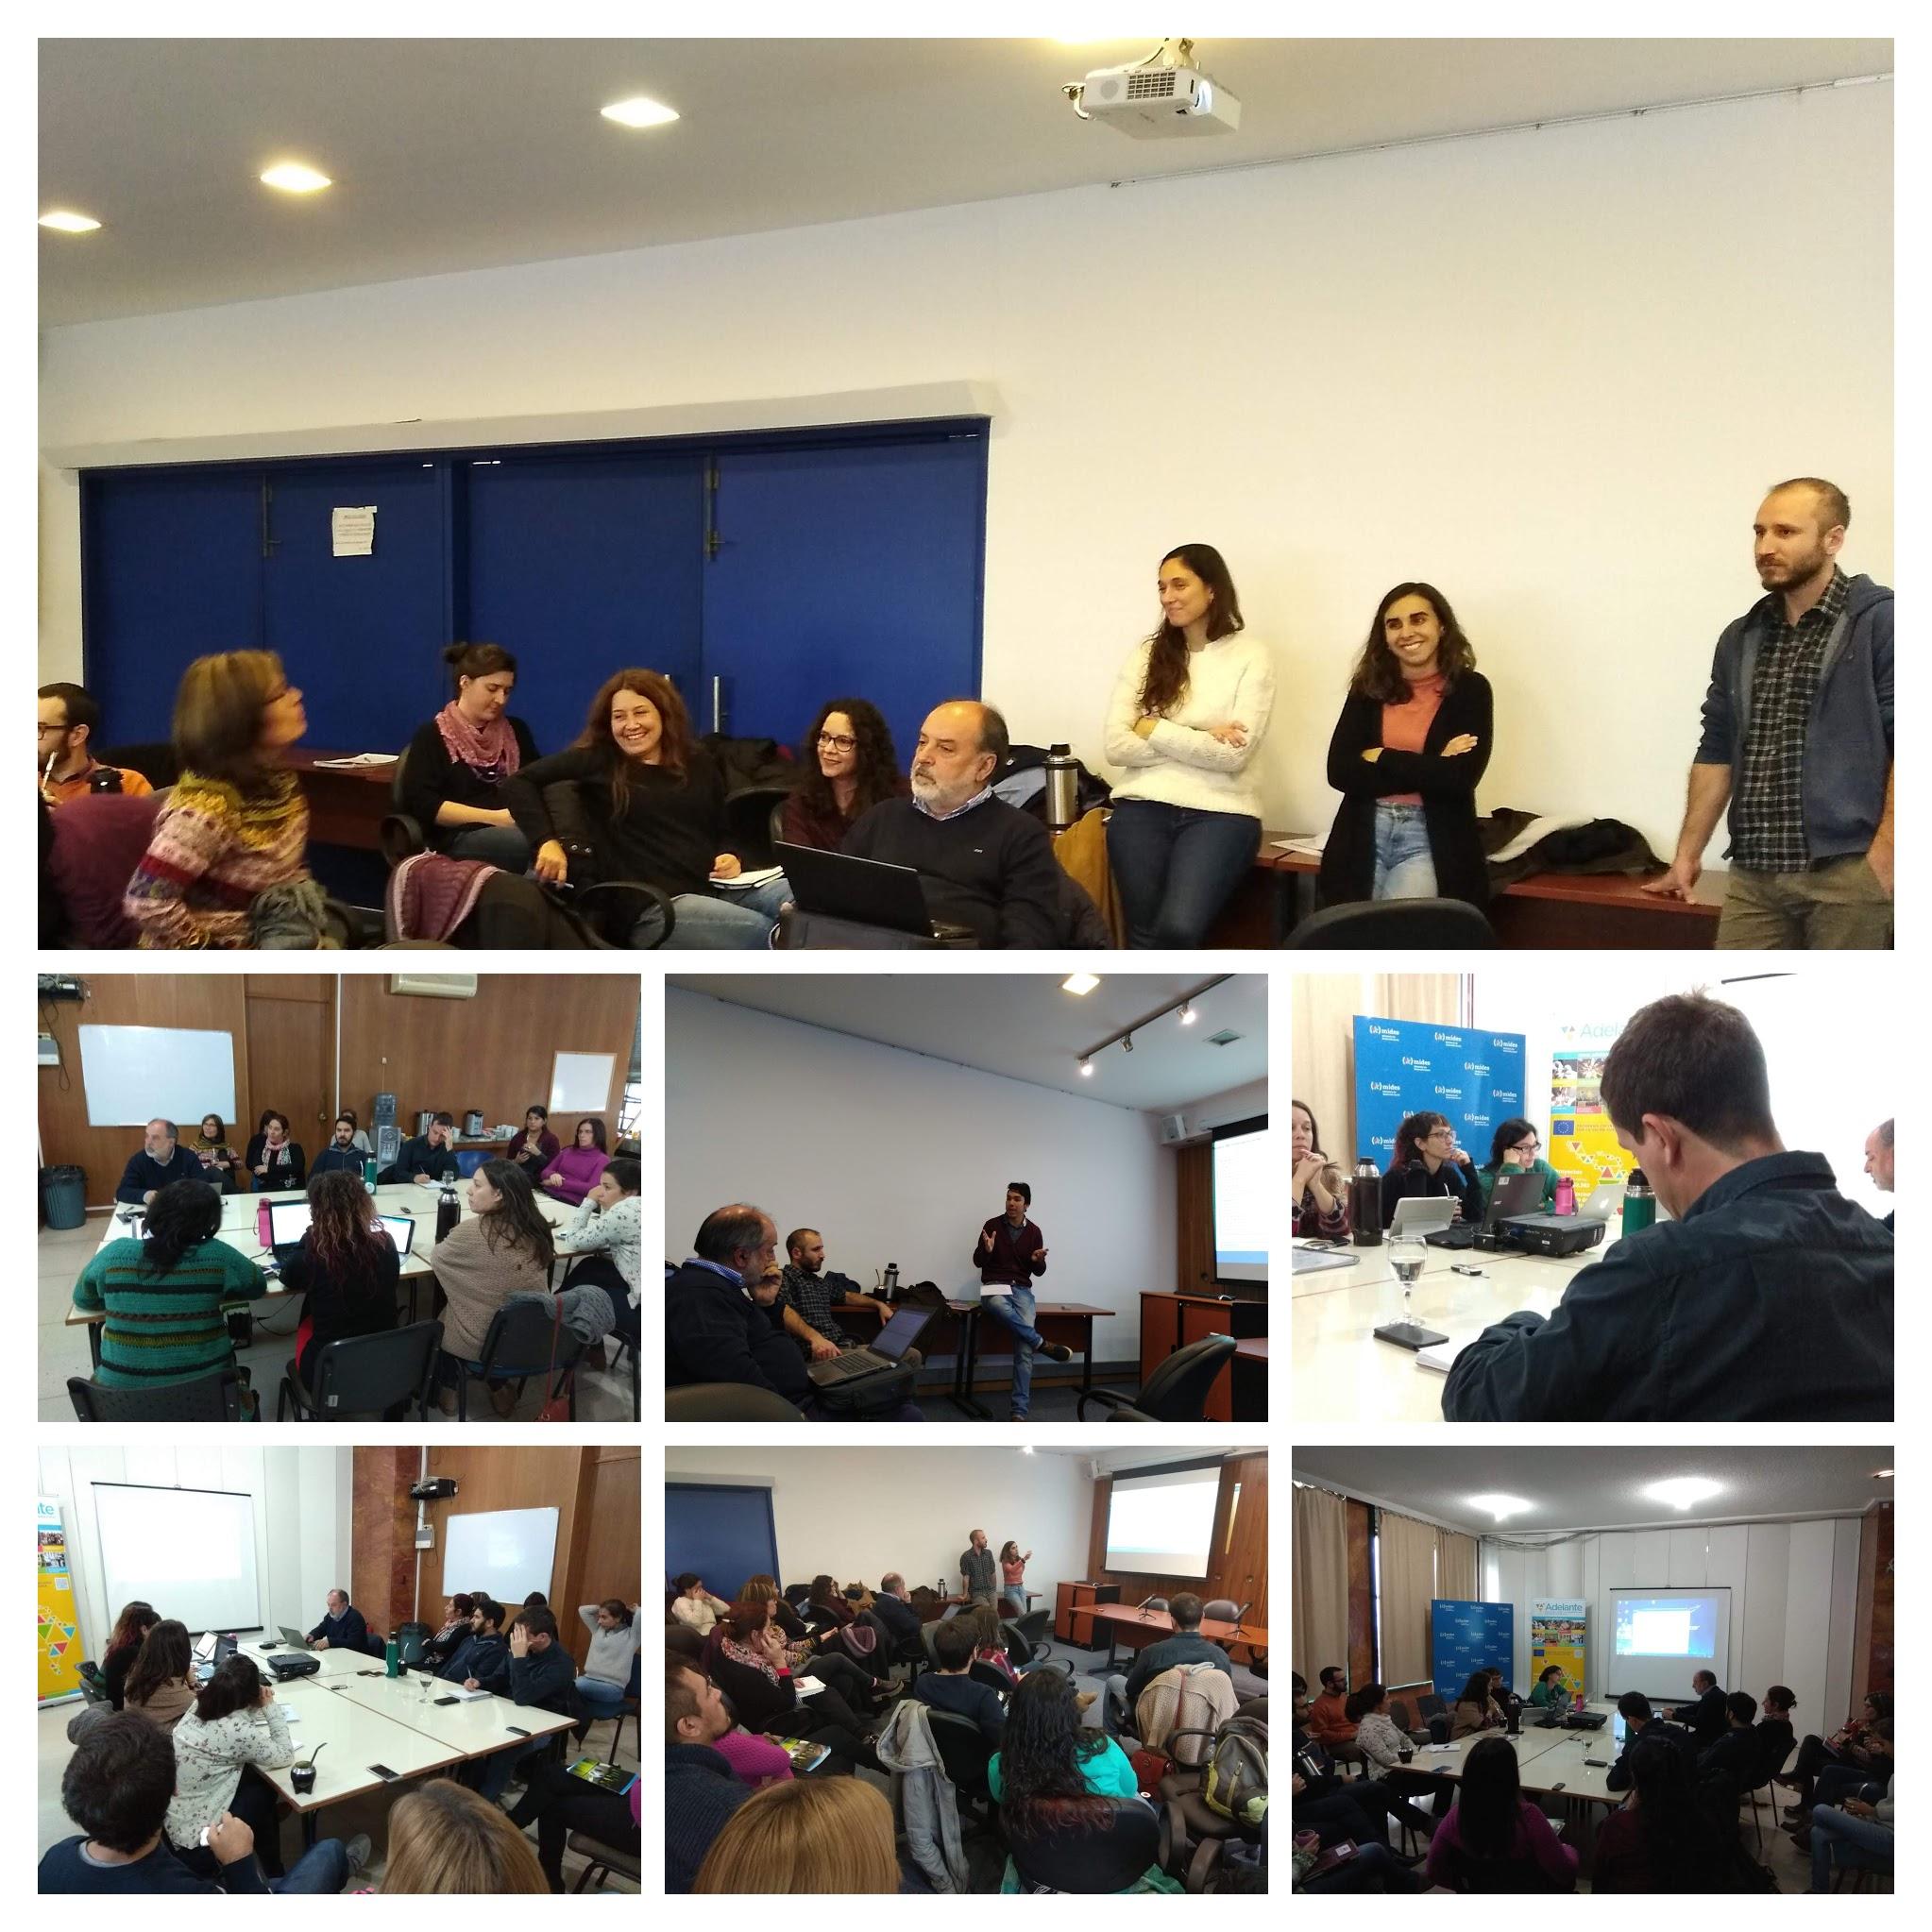 Uruguay: Mesas de trabajo con equipos del Ministerio de Desarrollo Social